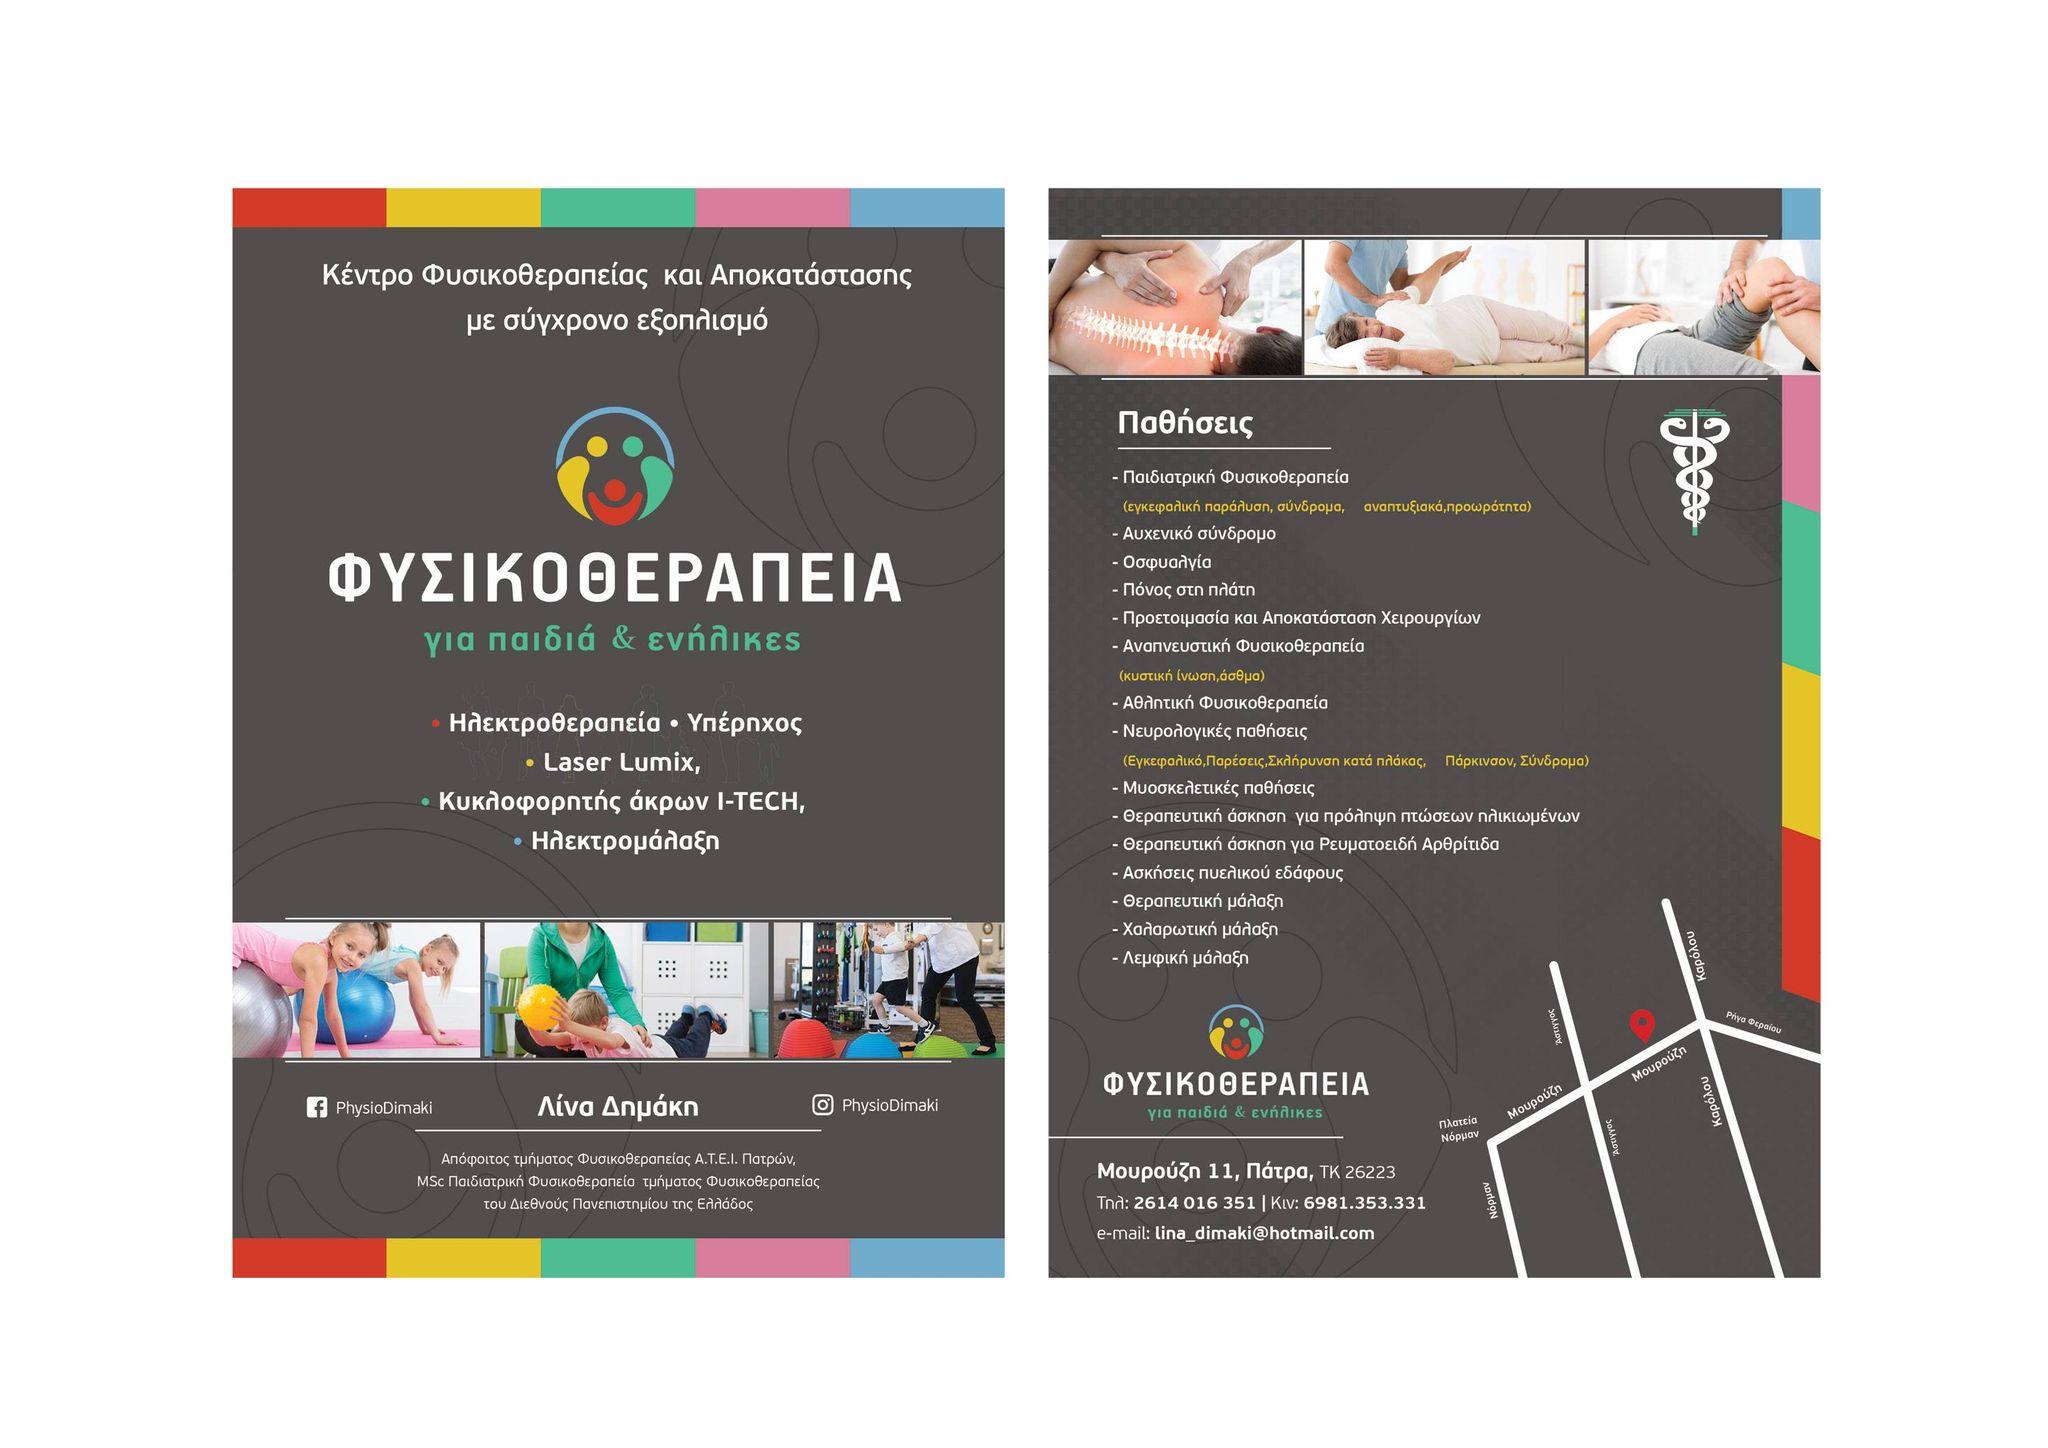 PhysioDimaki 1 Κέντρο Φυσικοθεραπείας